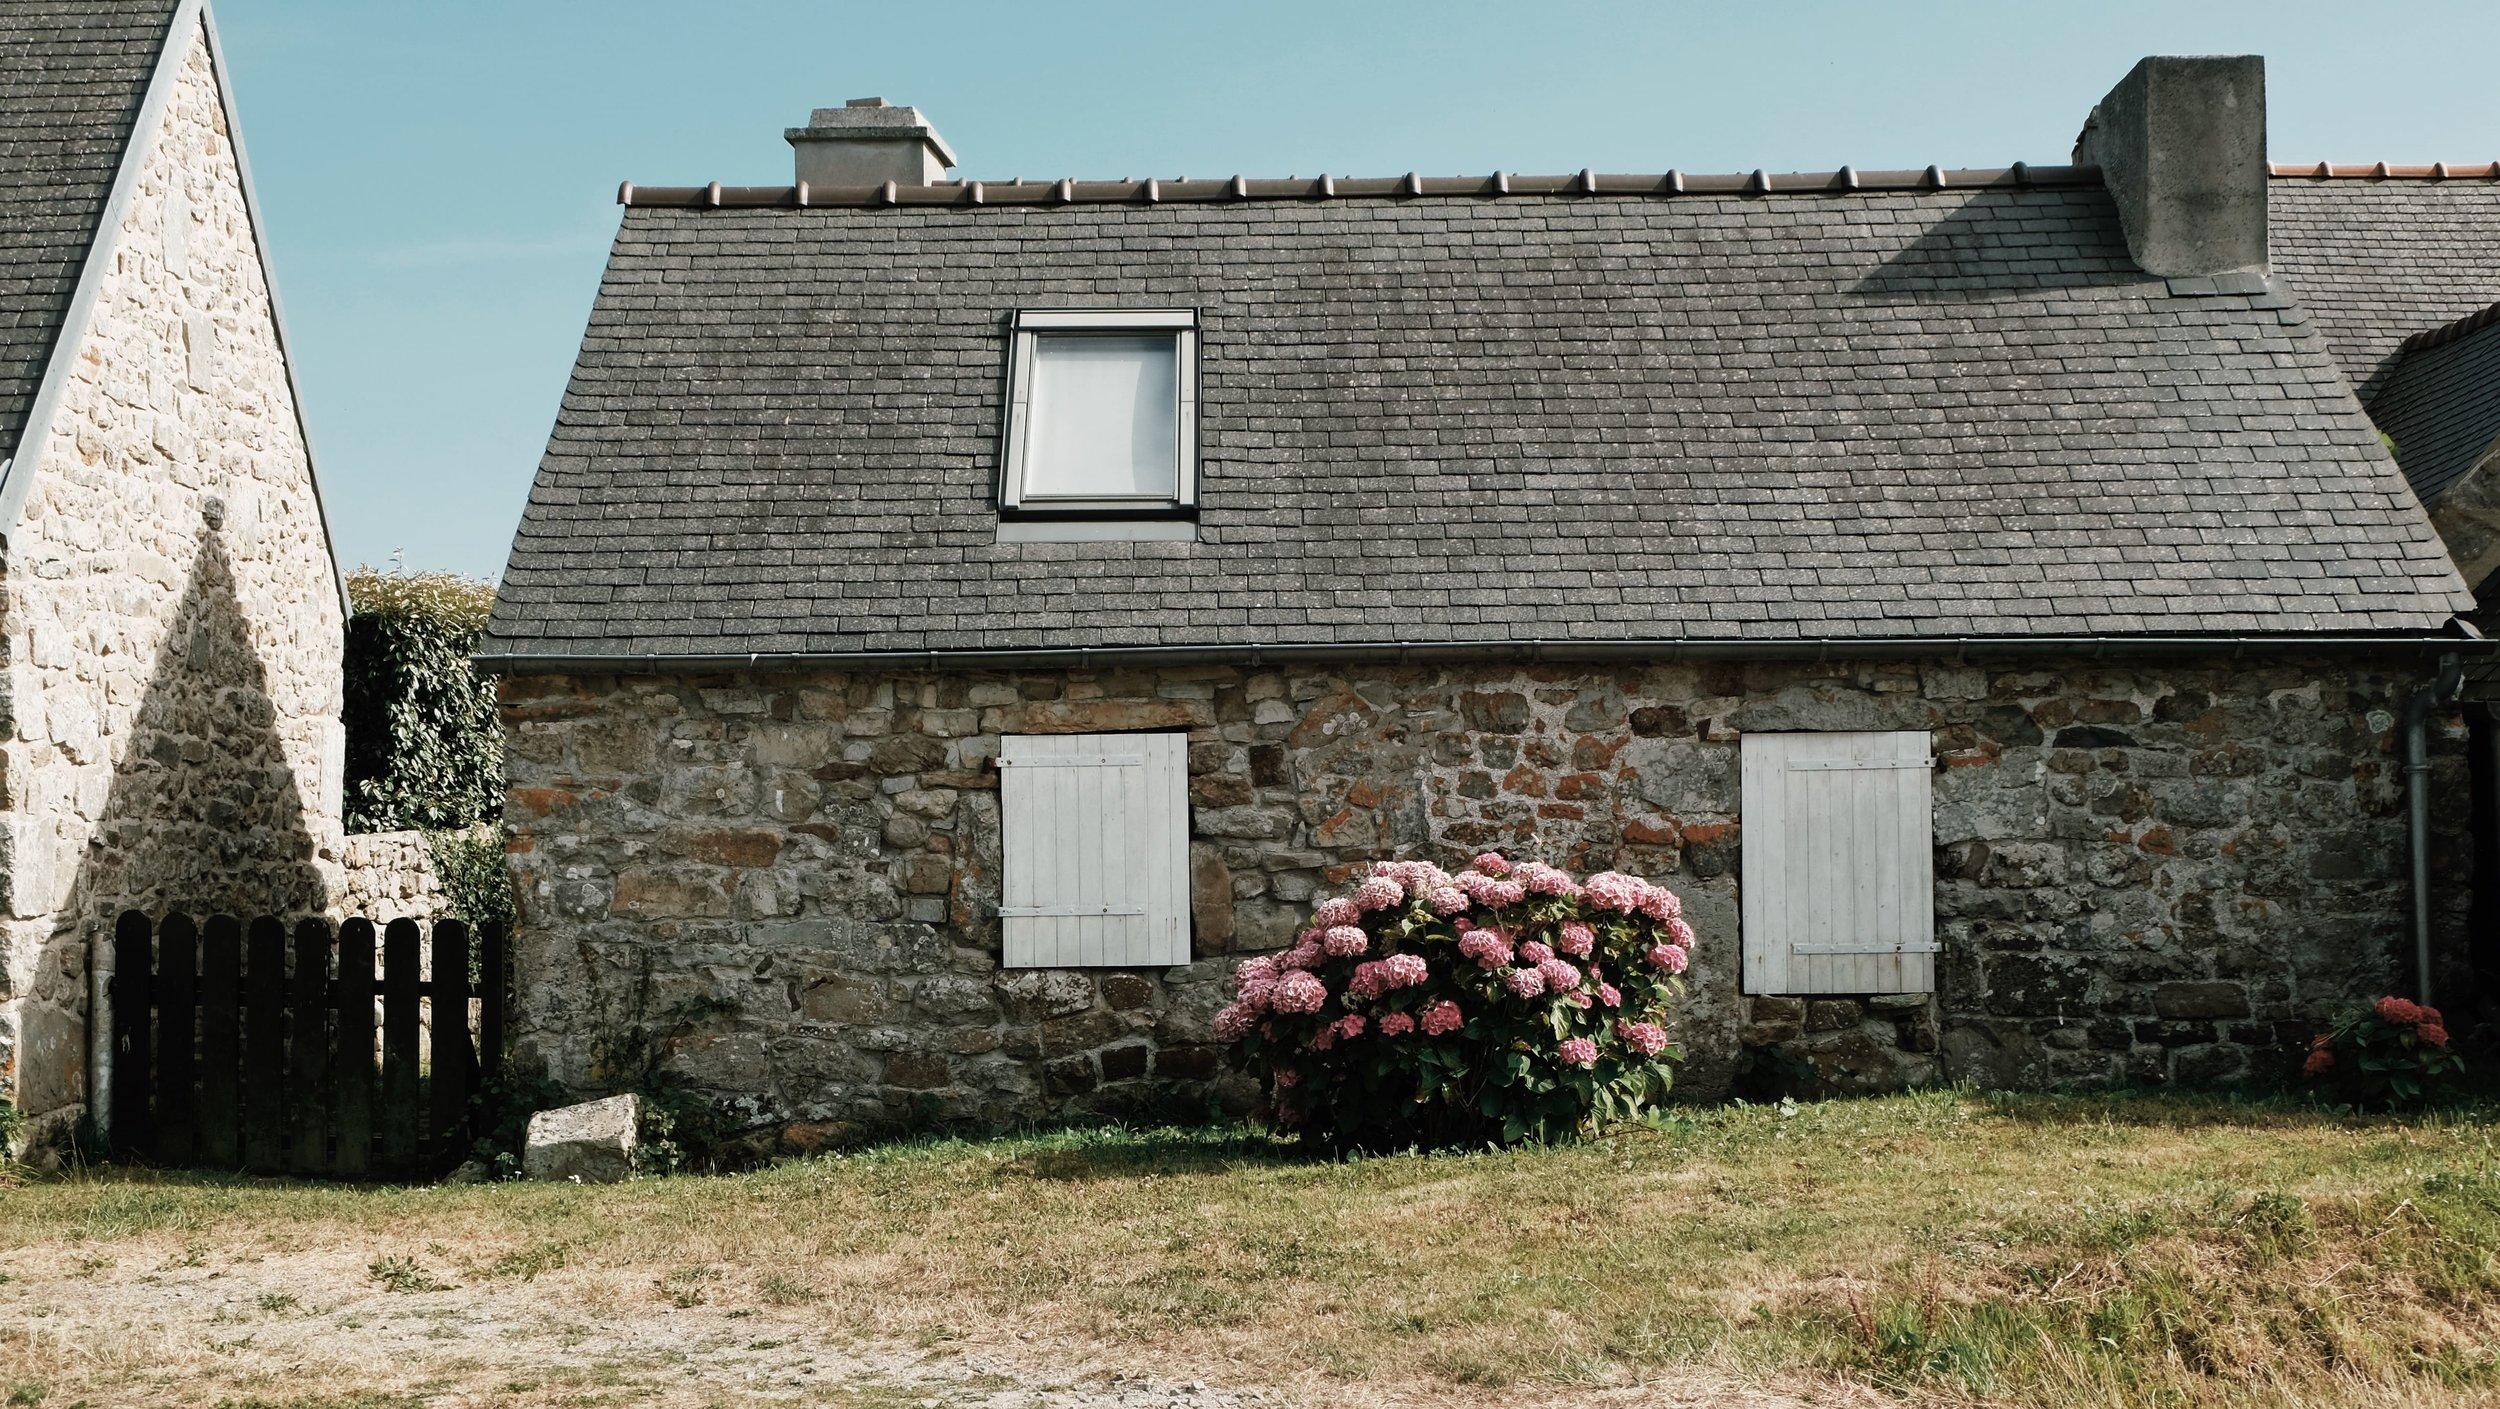 Carnet Sauvage - blog voyage Lille - visiter la Bretagne - presqu'ile de Crozon - Cap de la chevre7.jpg